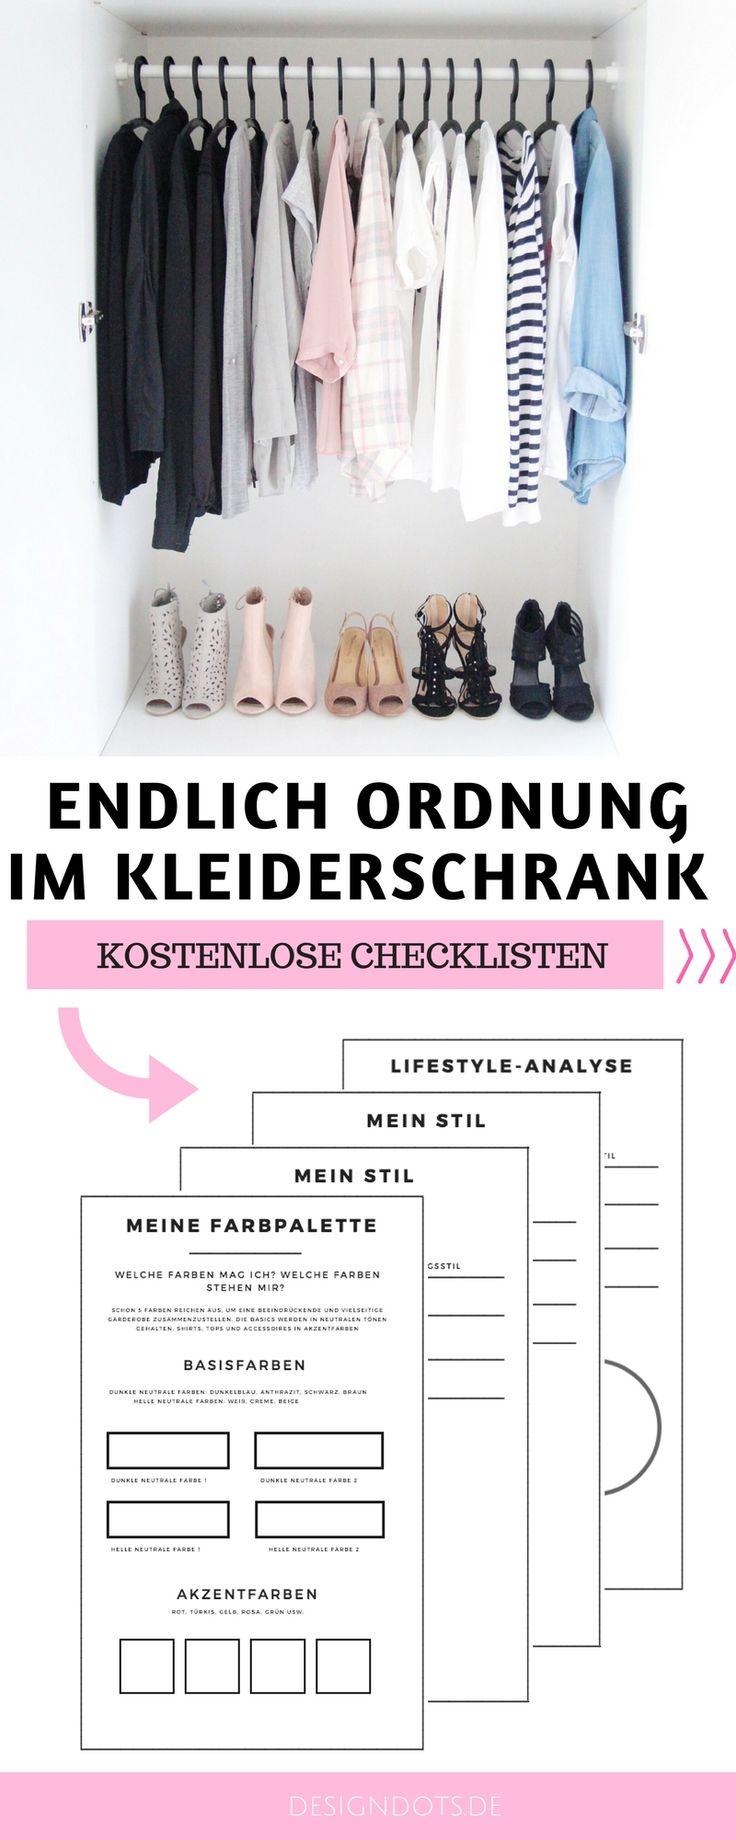 KOSTENLOSE CHECKLISTEN zum downloaden - für mehr Ordnung im Kleiderschrank!